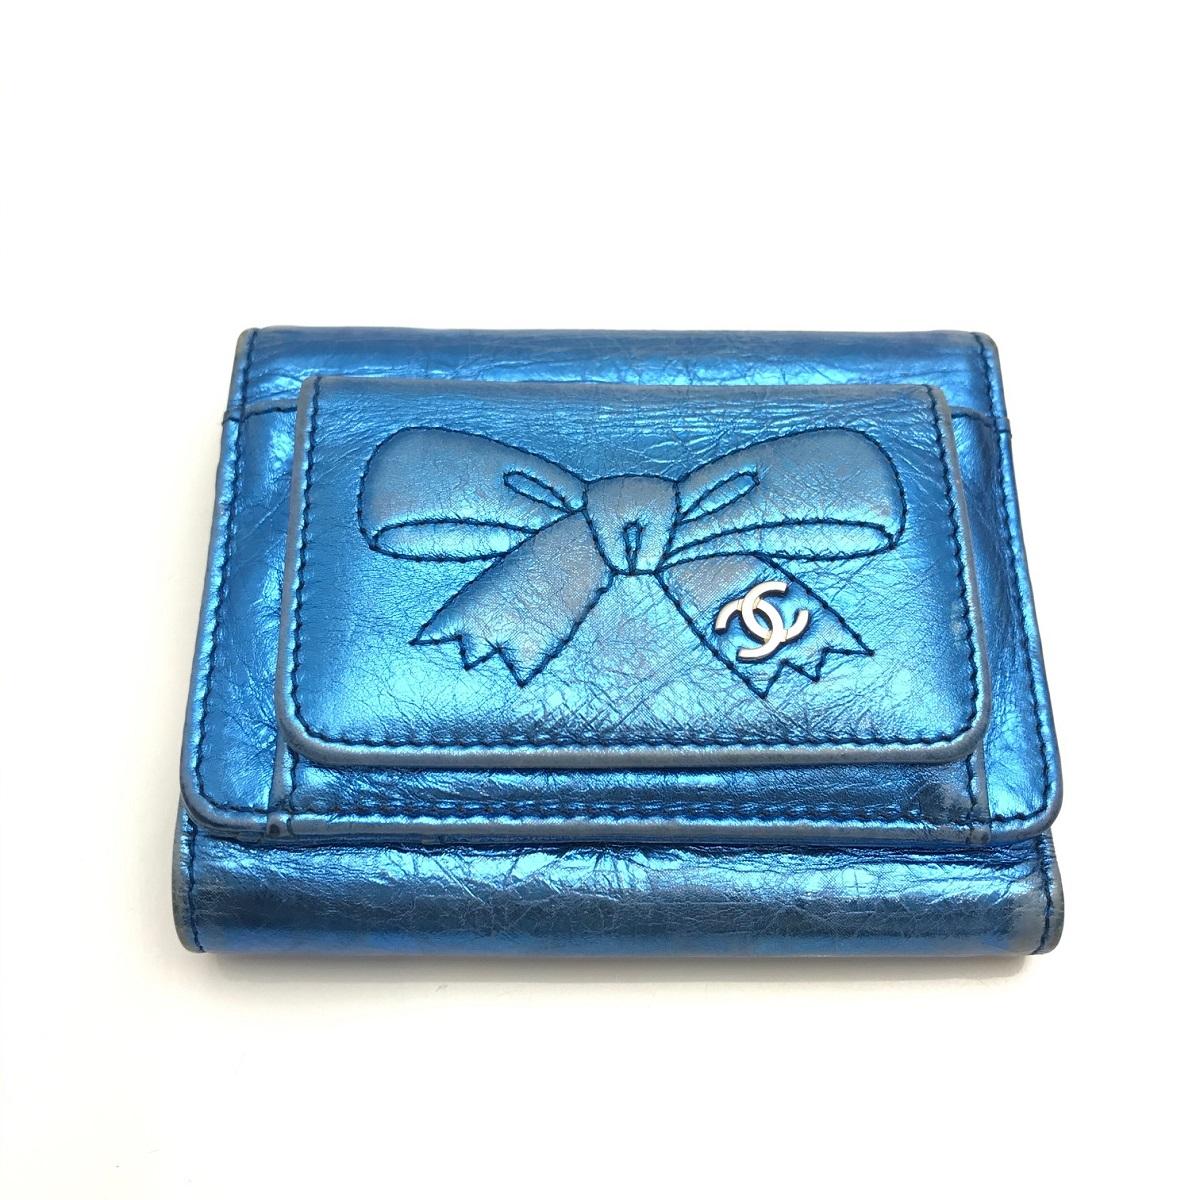 シャネル CHANEL 三つ折り財布 コンパクト レザー メタリックブルー 【トレジャースポット】【中古】